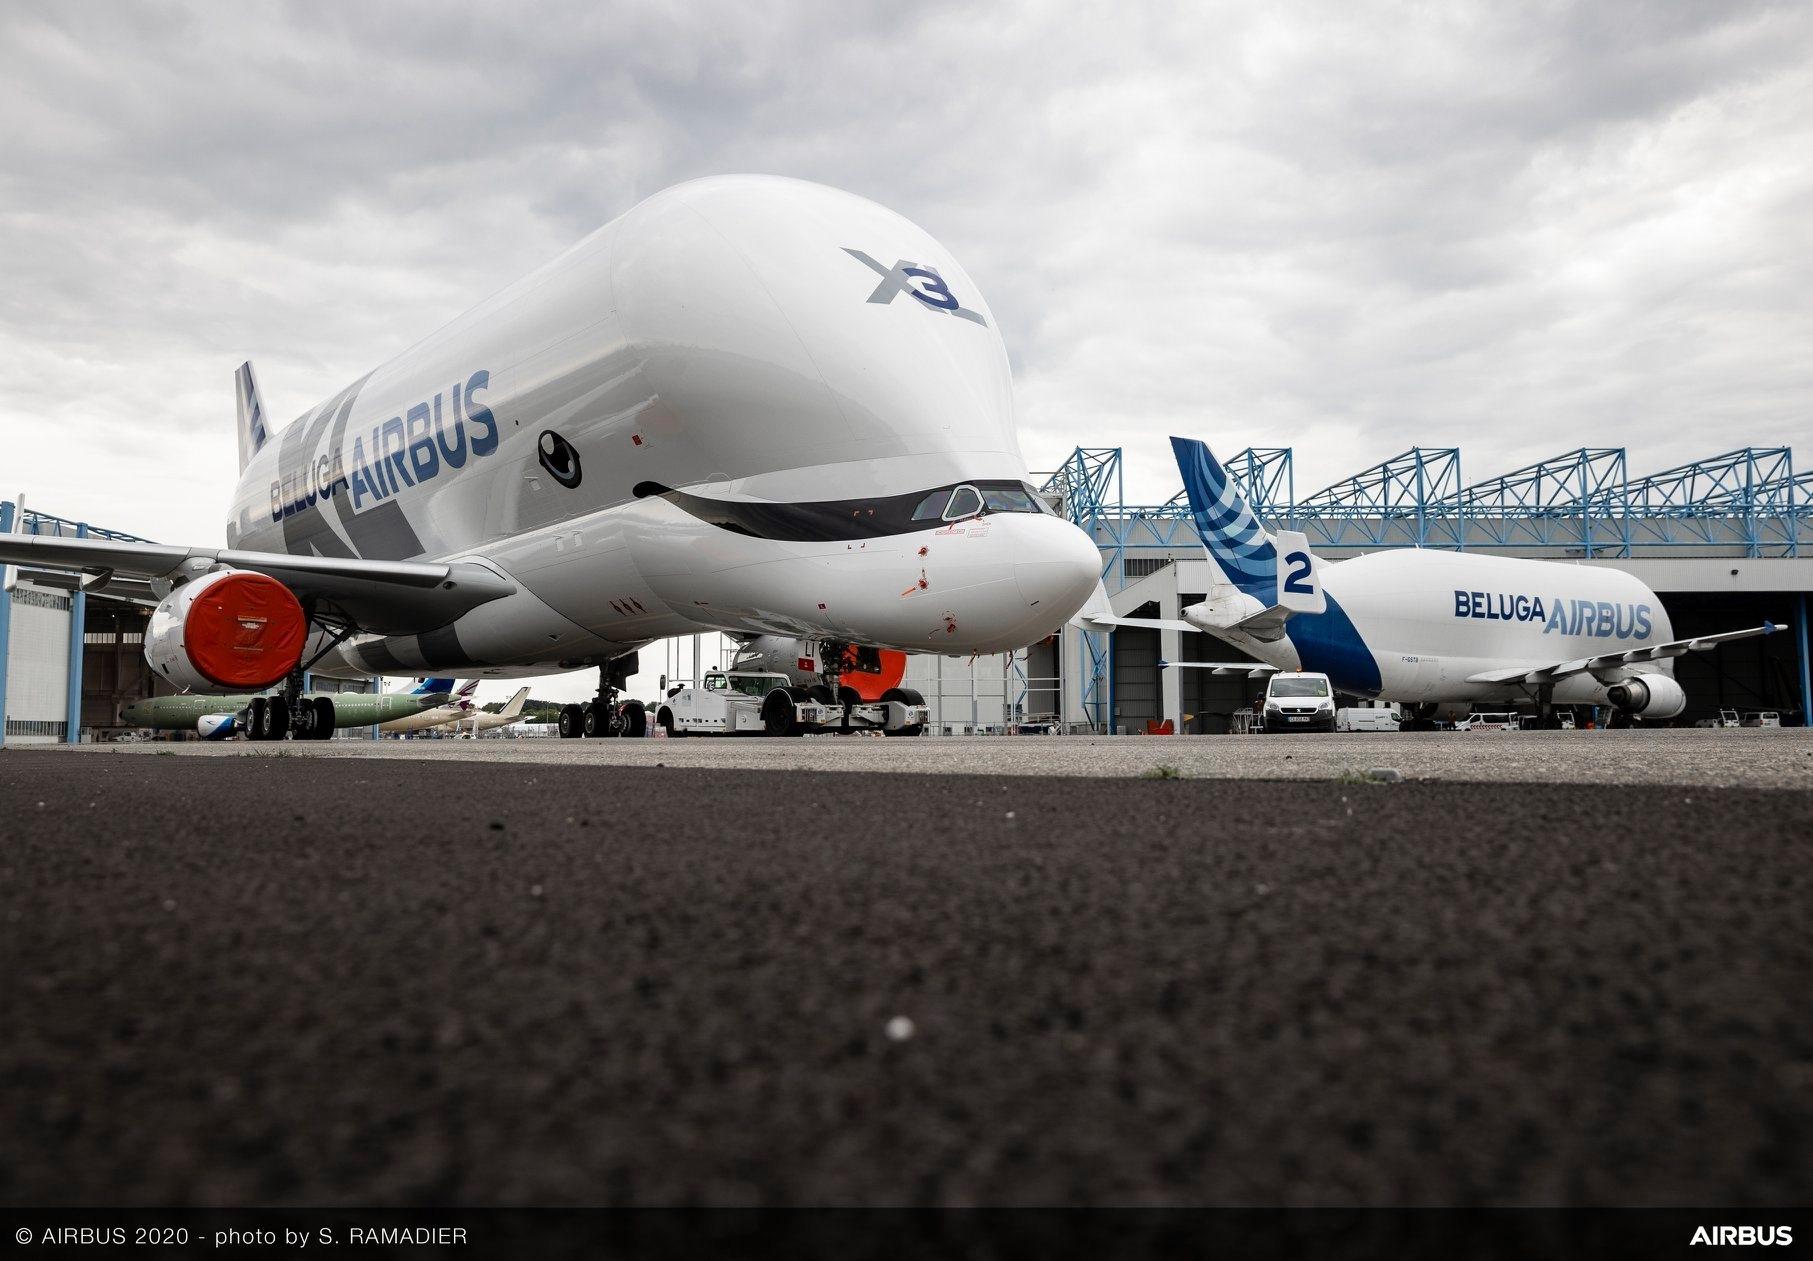 空客超级大白鲸3号机